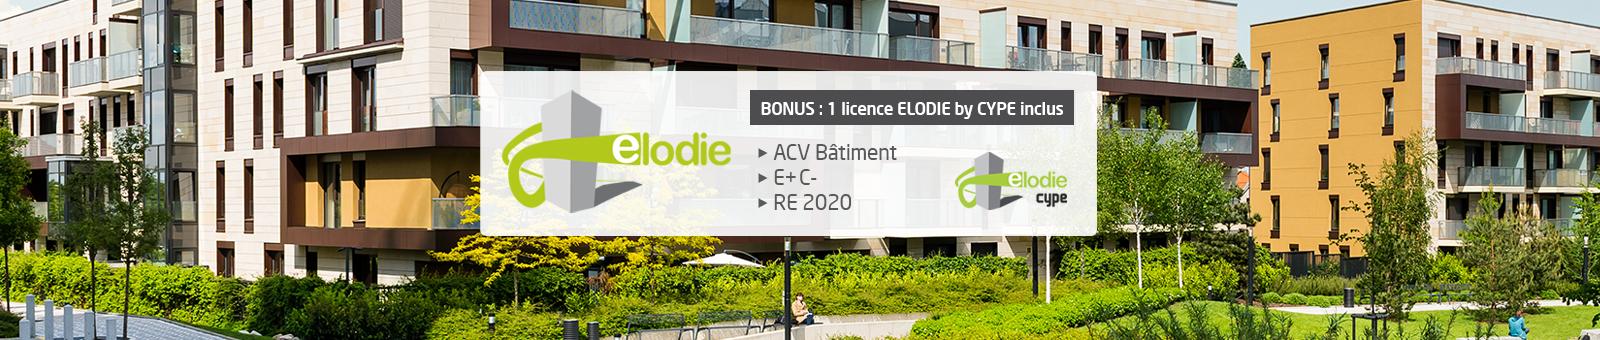 Logiciel ELODIE + ELODIE by CYPE